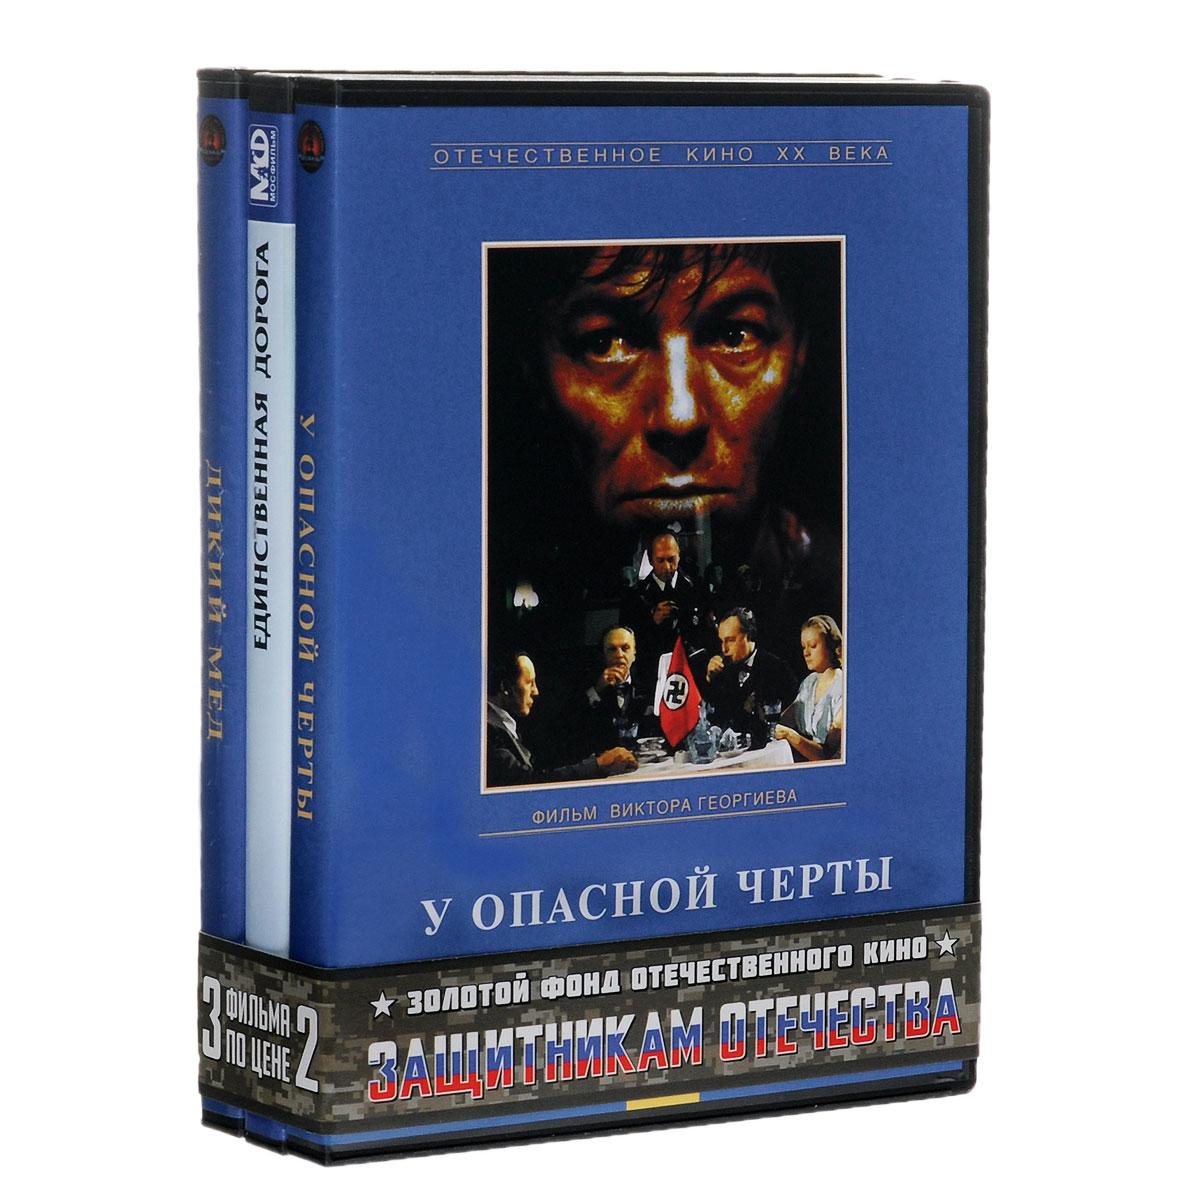 Защитникам отечества: Дикий мед / Единственная дорога / У опасной черты (3 DVD) гардемарины 3 dvd